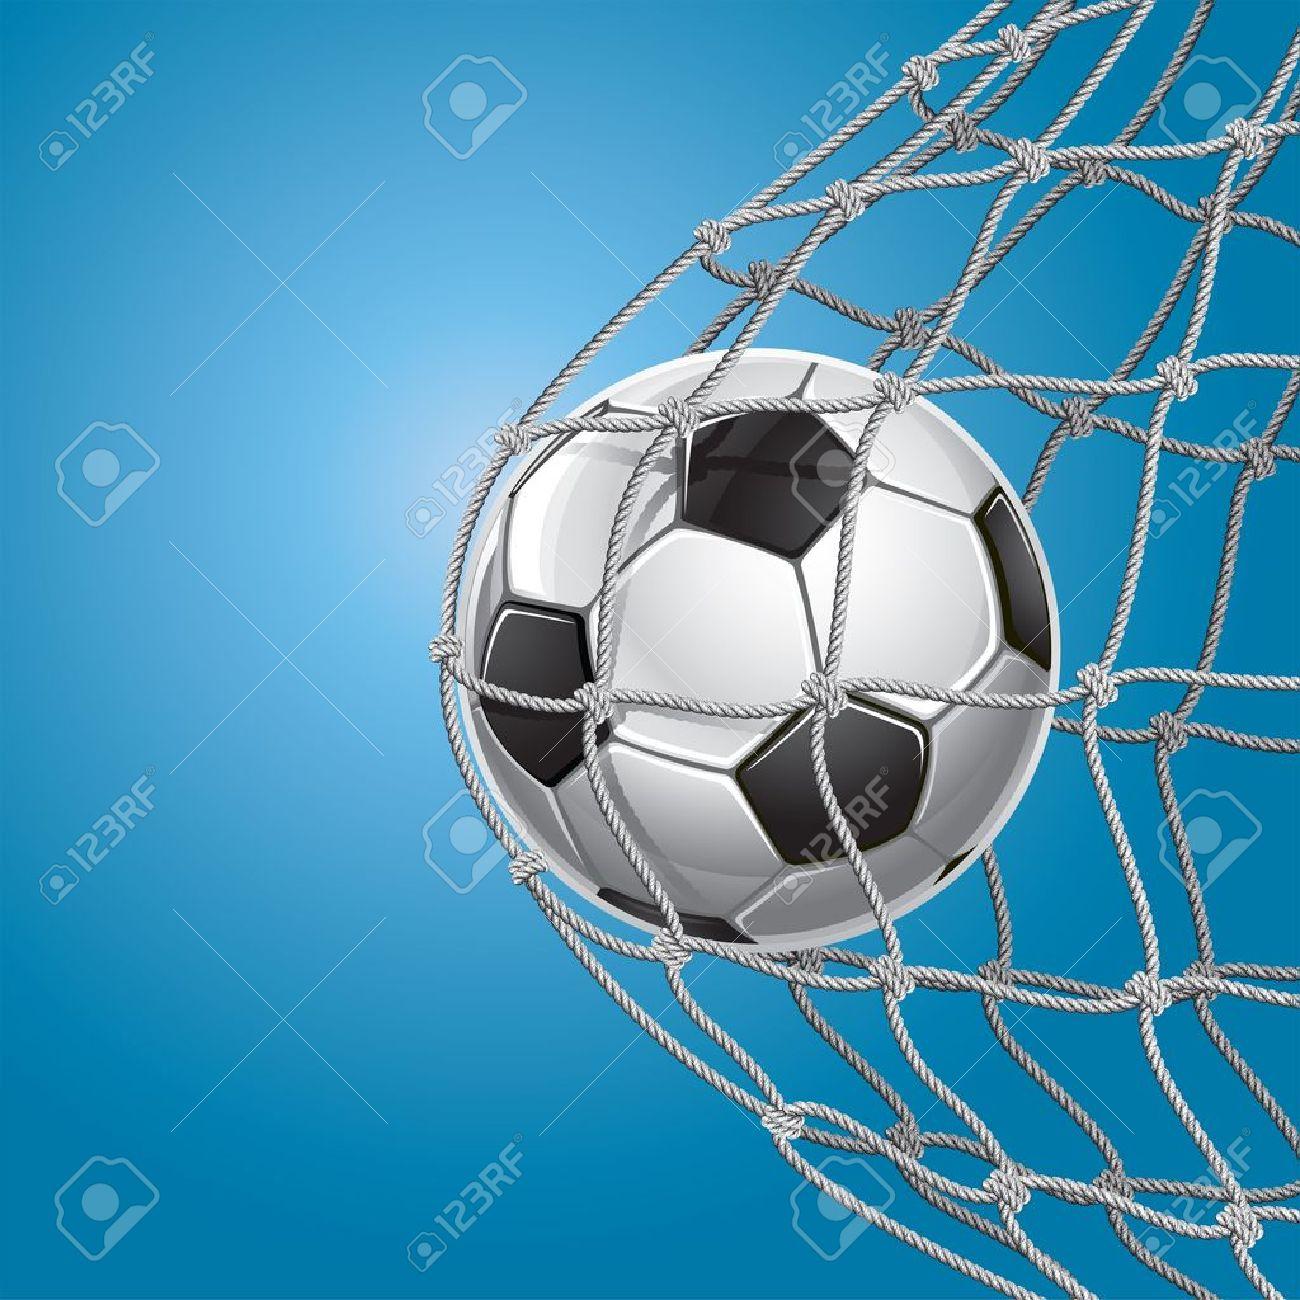 Soccer Goal  A soccer ball in a net illustration Stock Vector - 14163035